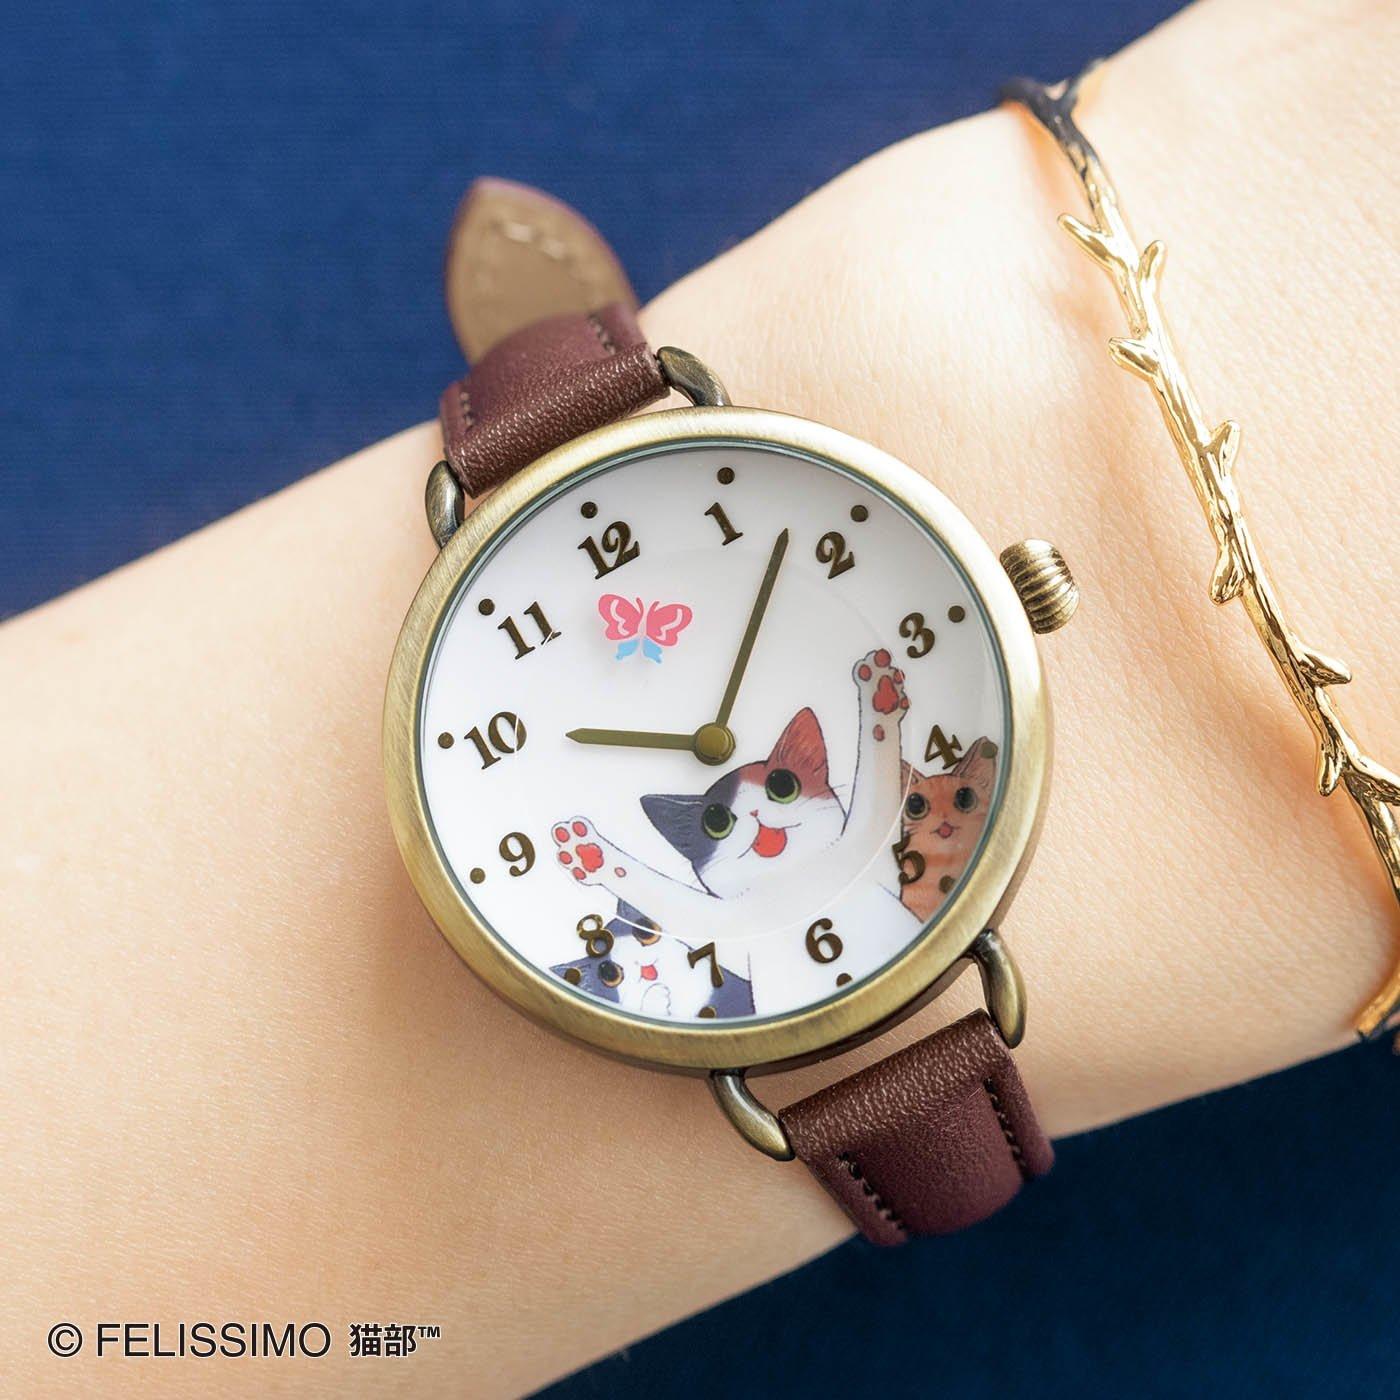 漫画家山野りんりんさんとつくった チョウチョつかまえたいニャー腕時計